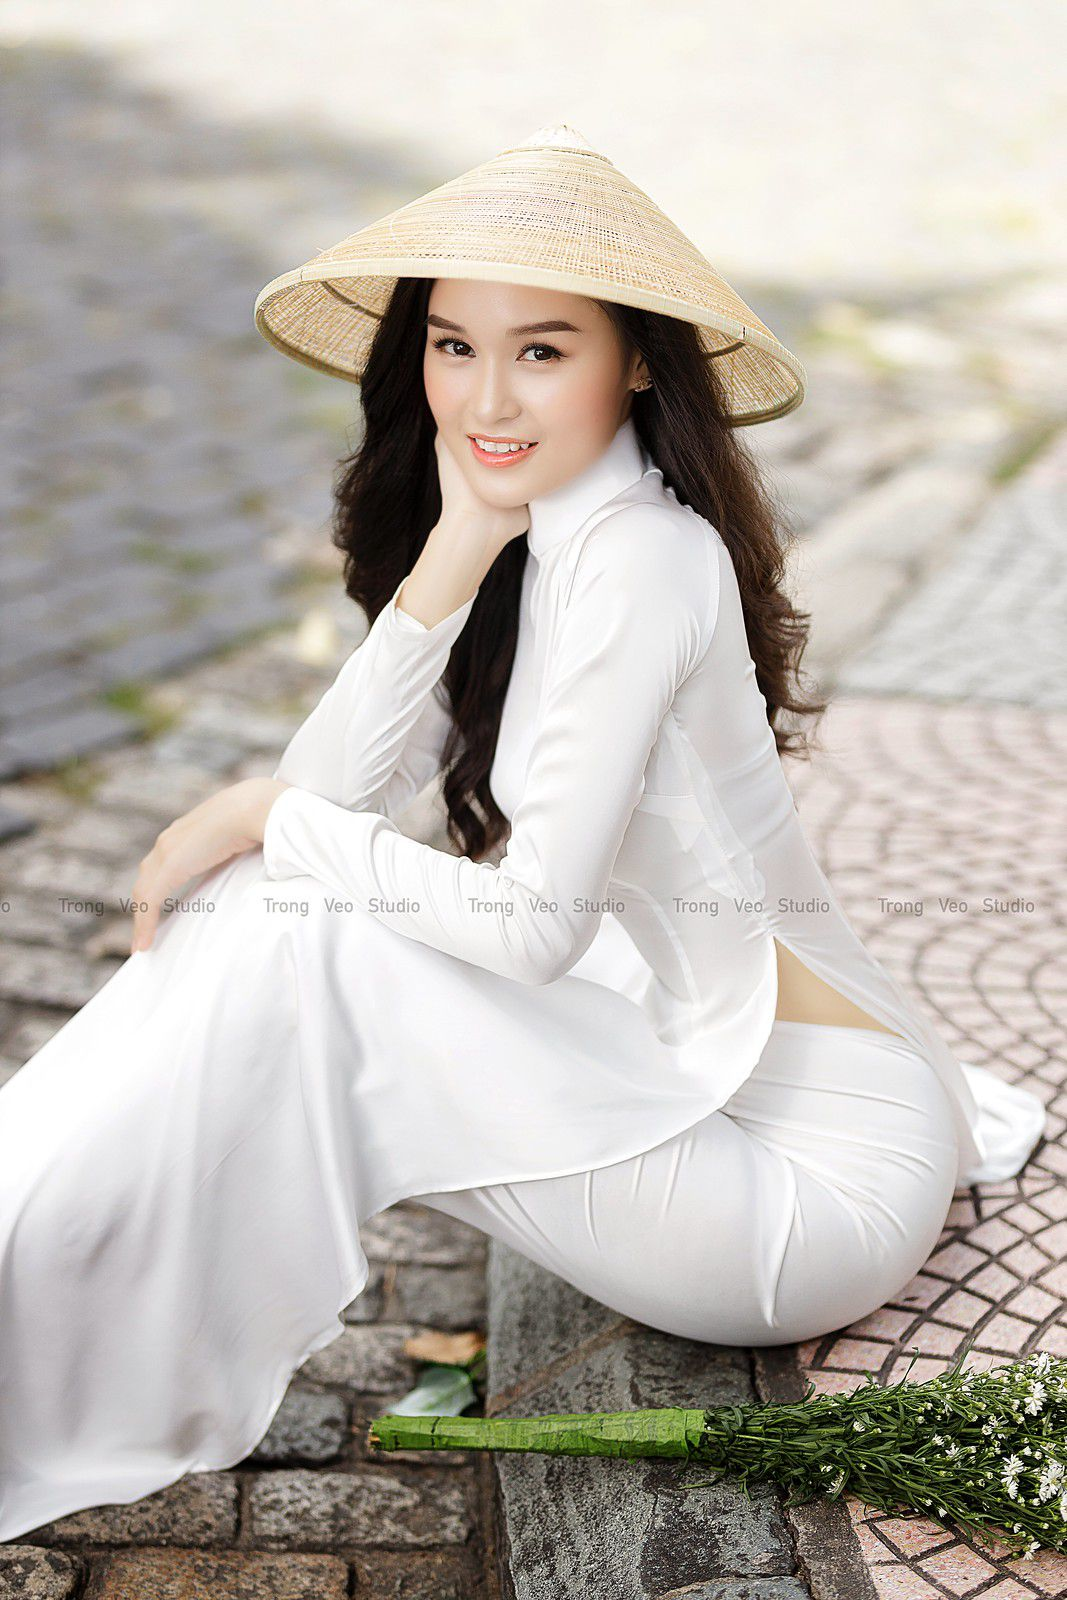 Ngắm bộ ảnh hoa khôi Phương Đoan đẹp hú hồn trong tà áo dài trắng thướt tha 3